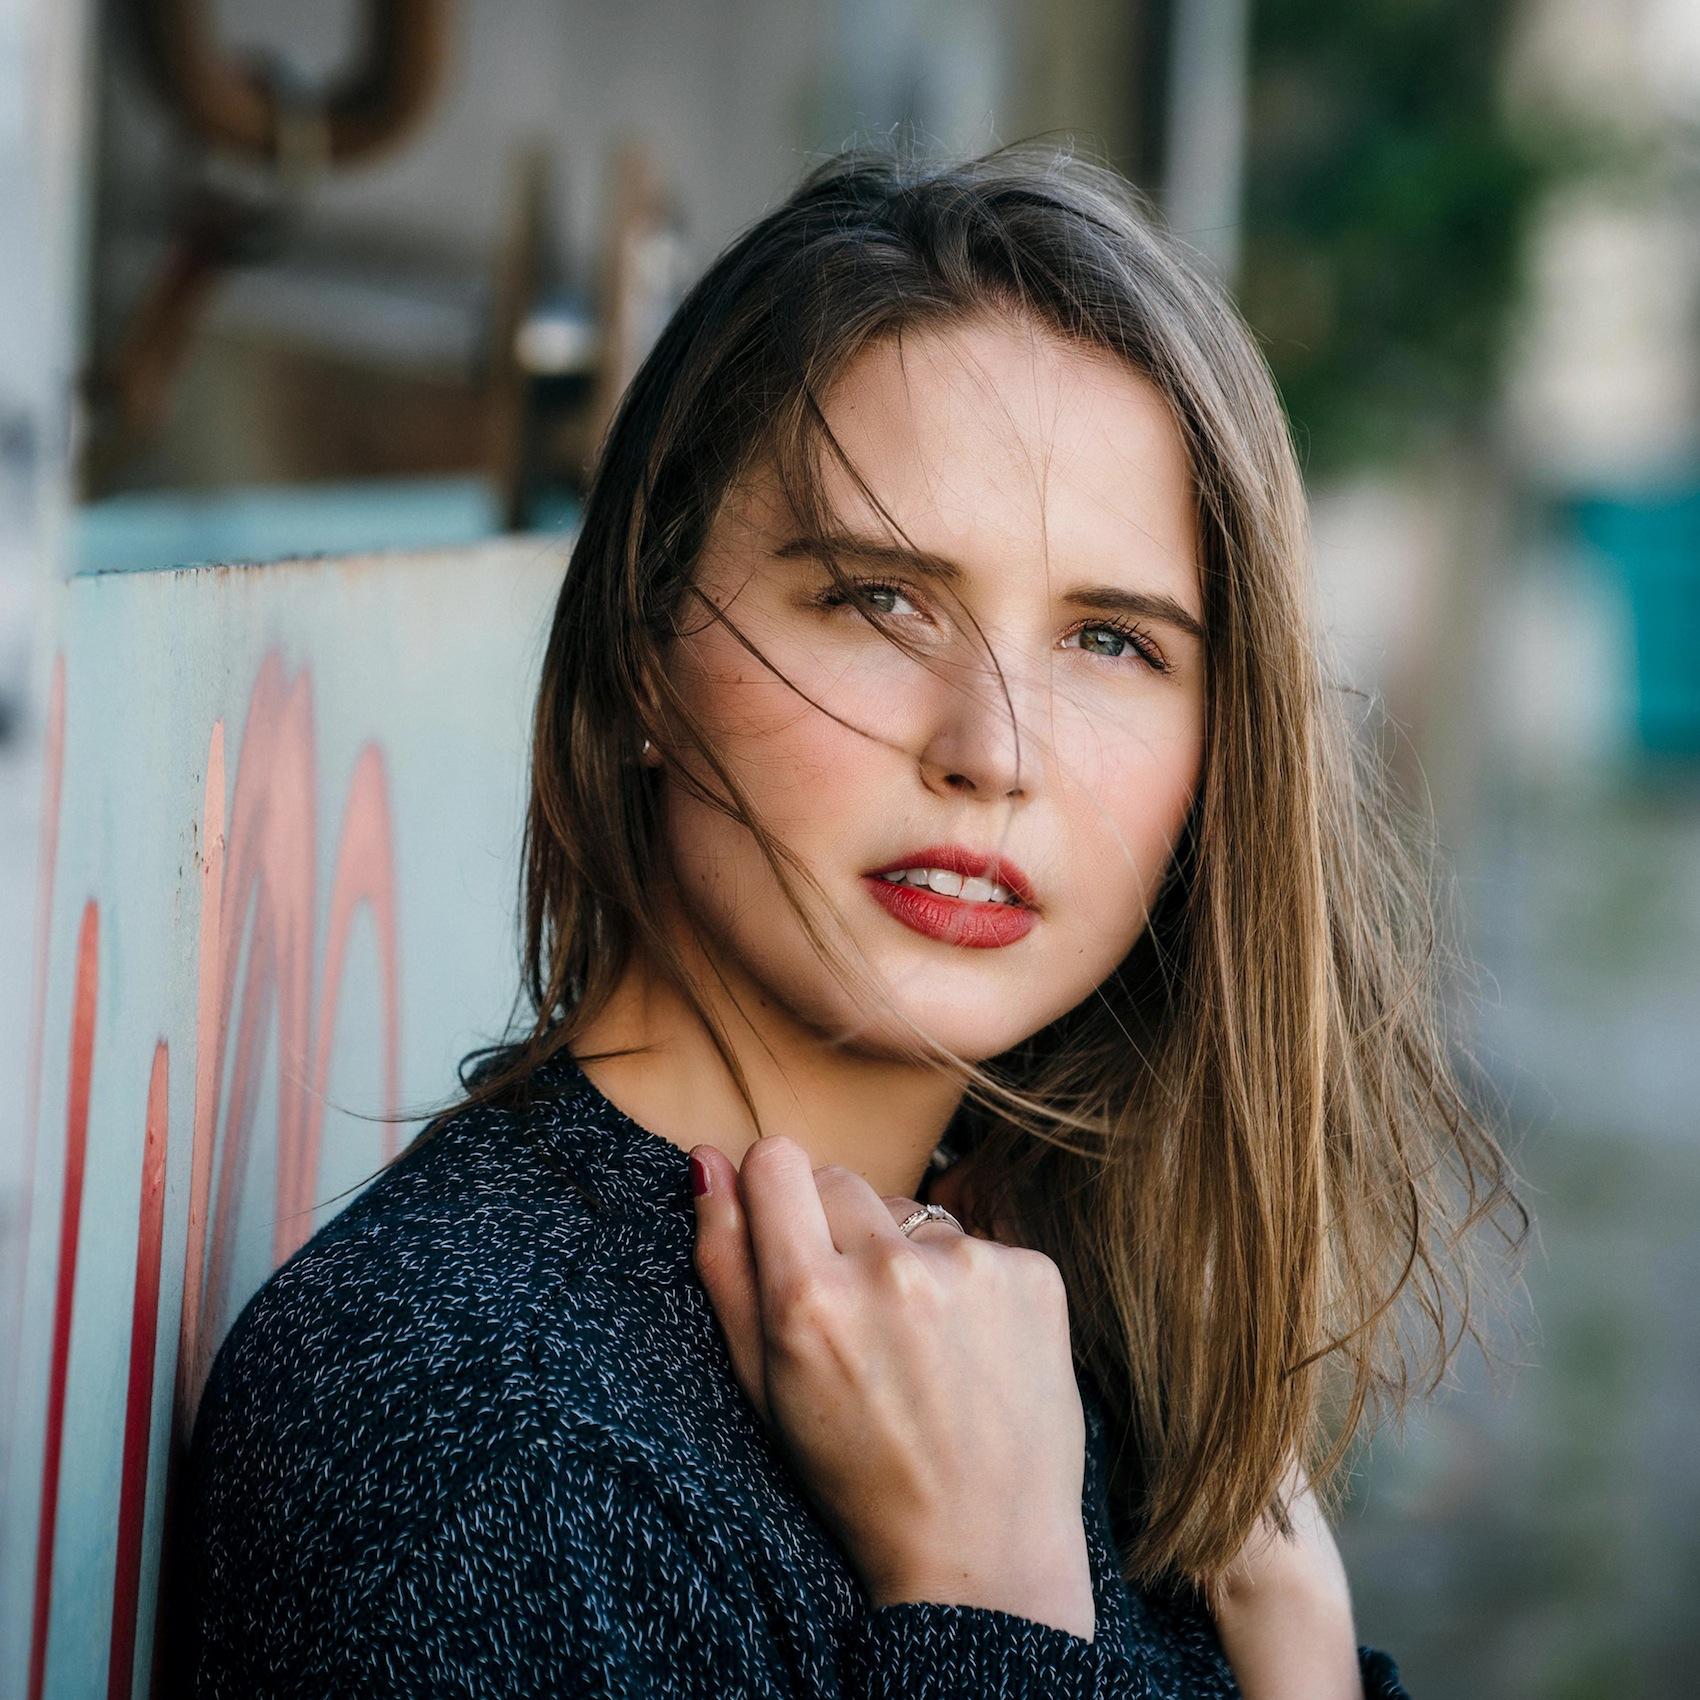 sue_suelovesnyc_Portrait